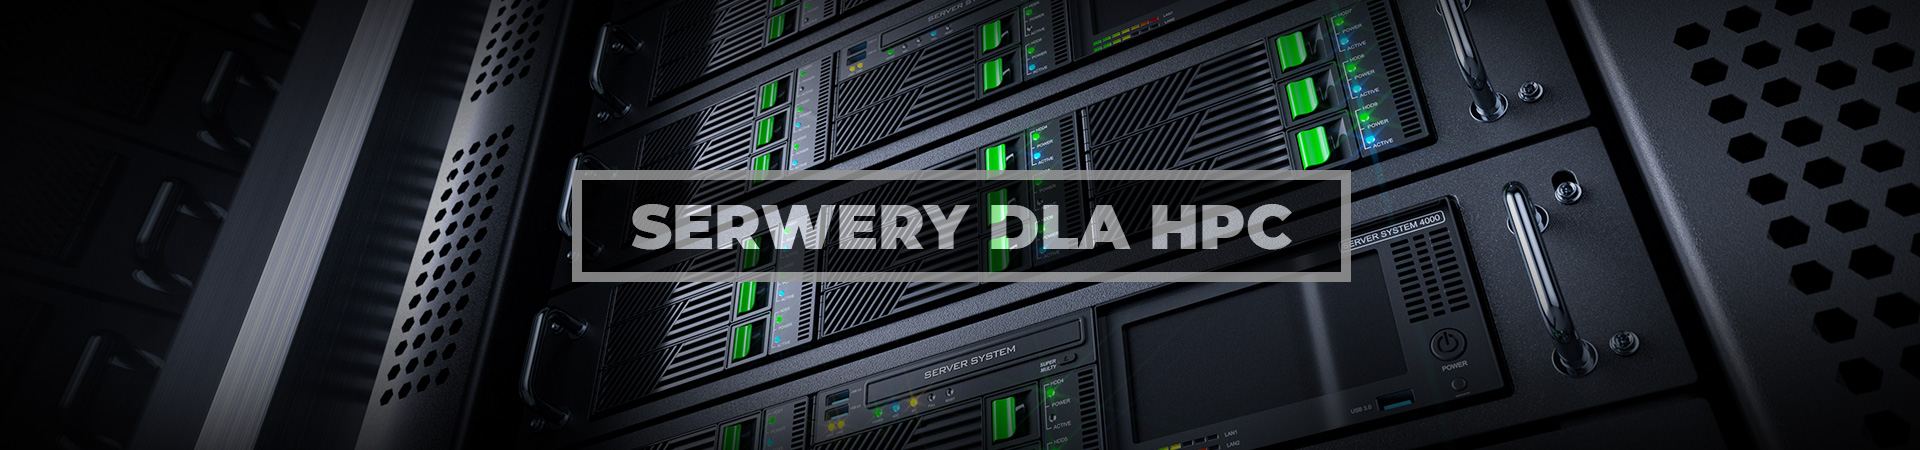 serwery dla HPC